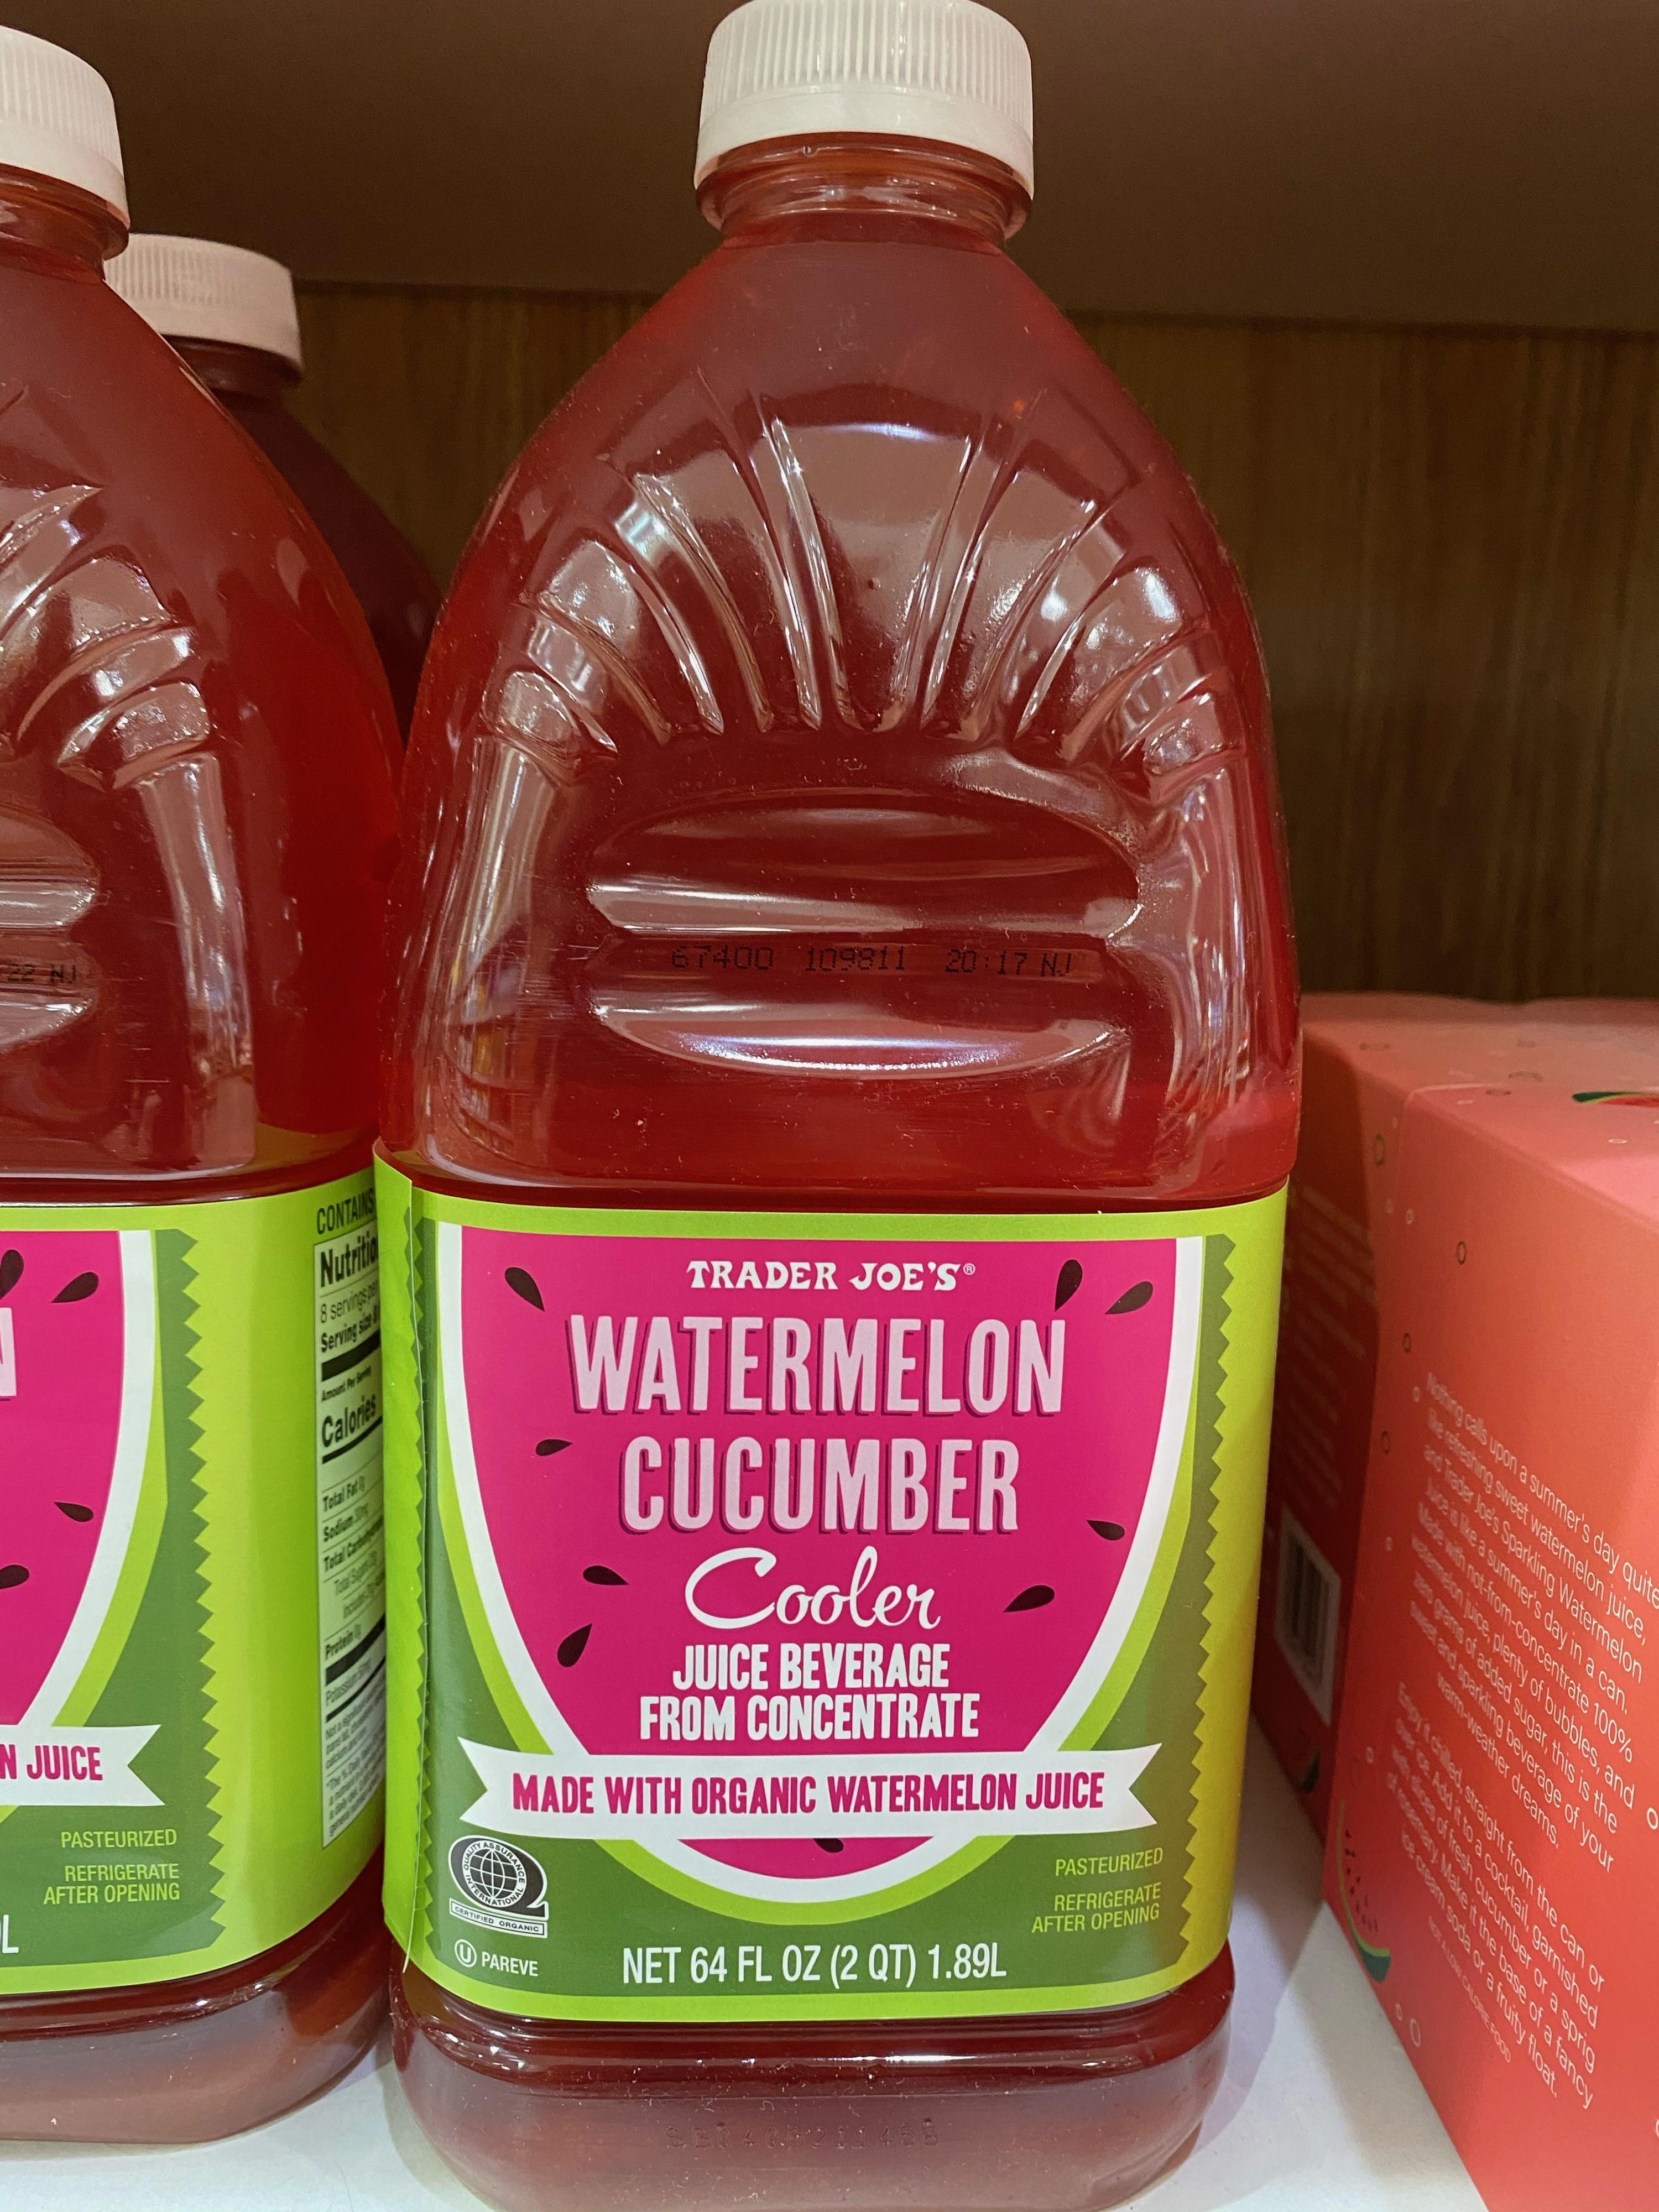 Watermelon cucumber cooler.